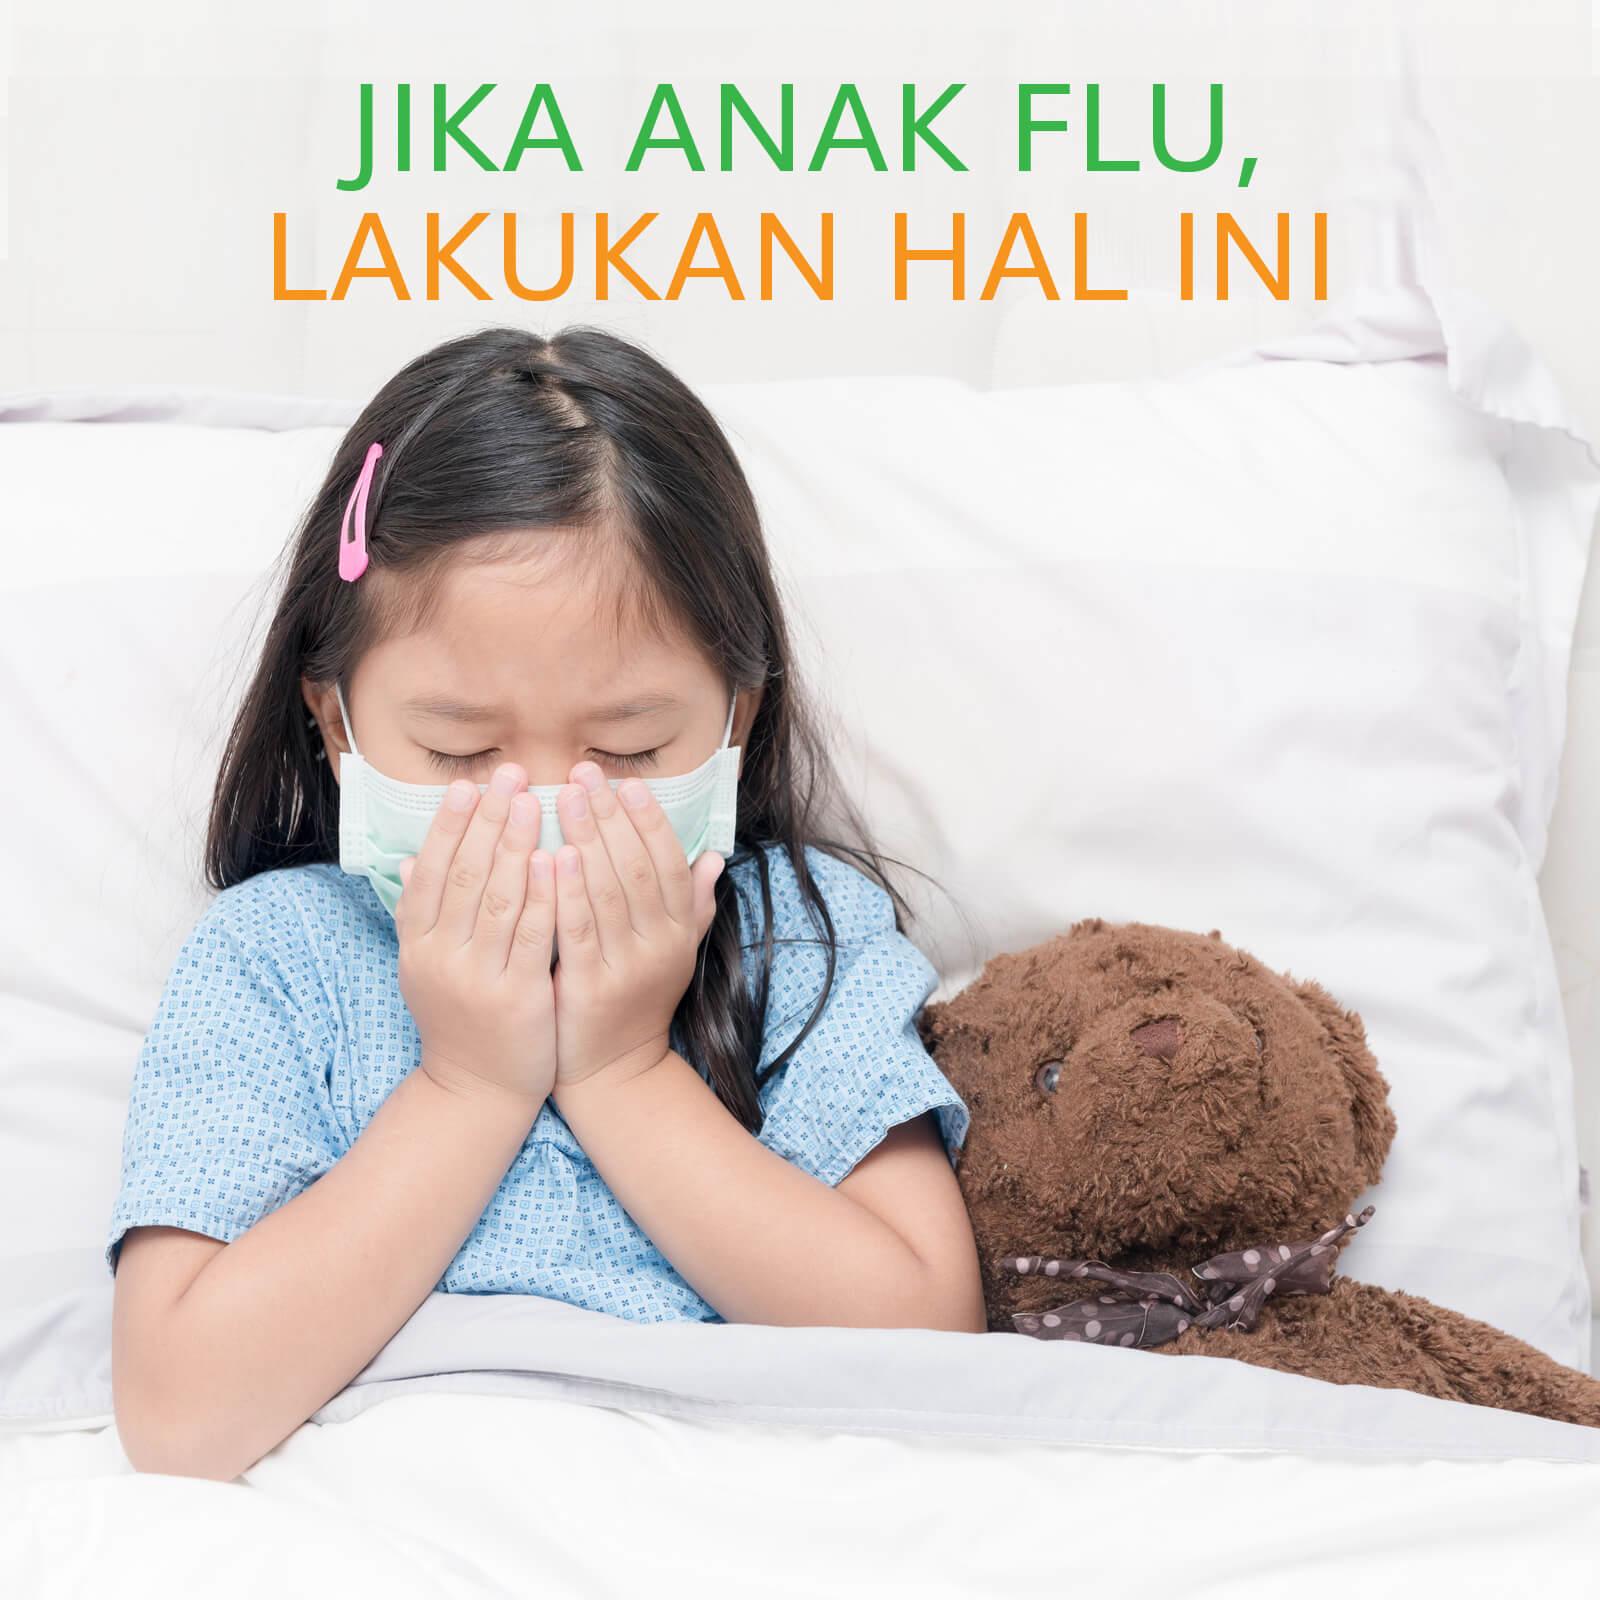 Image JIKA ANAK FLU, LAKUKAN HAL INI